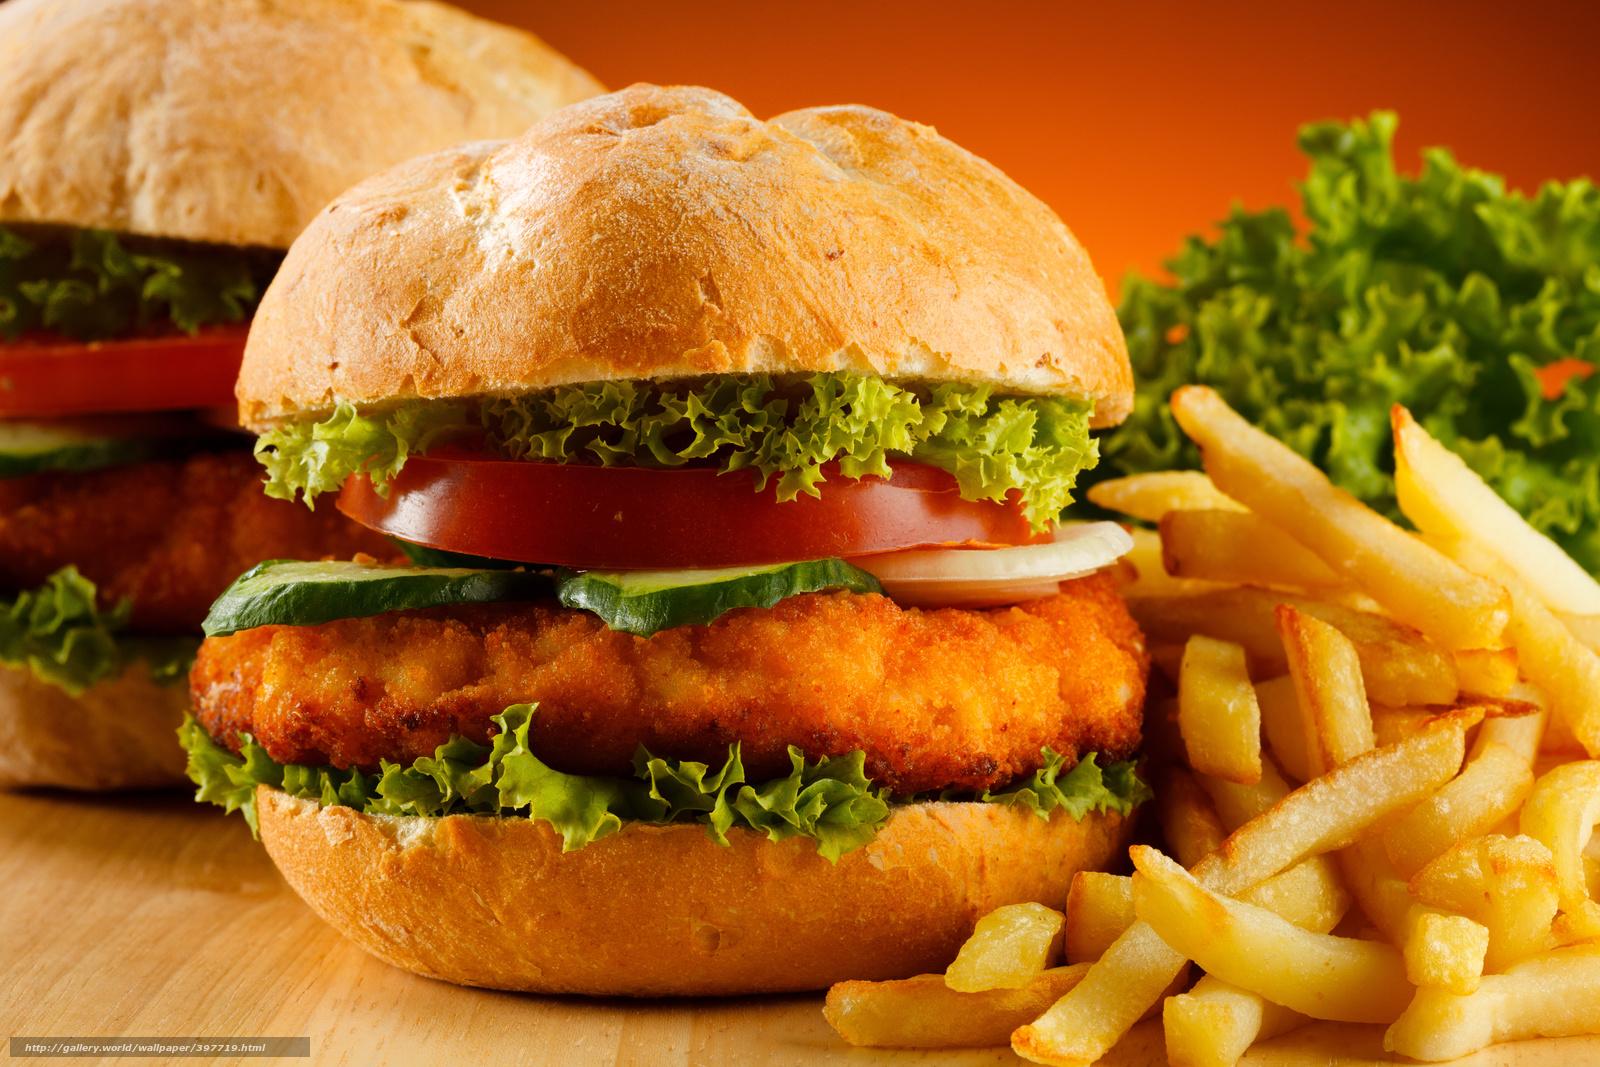 Скачать обои гамбургеры,  картофель фри,  помидоры,  огурцы бесплатно для рабочего стола в разрешении 5464x3643 — картинка №397719